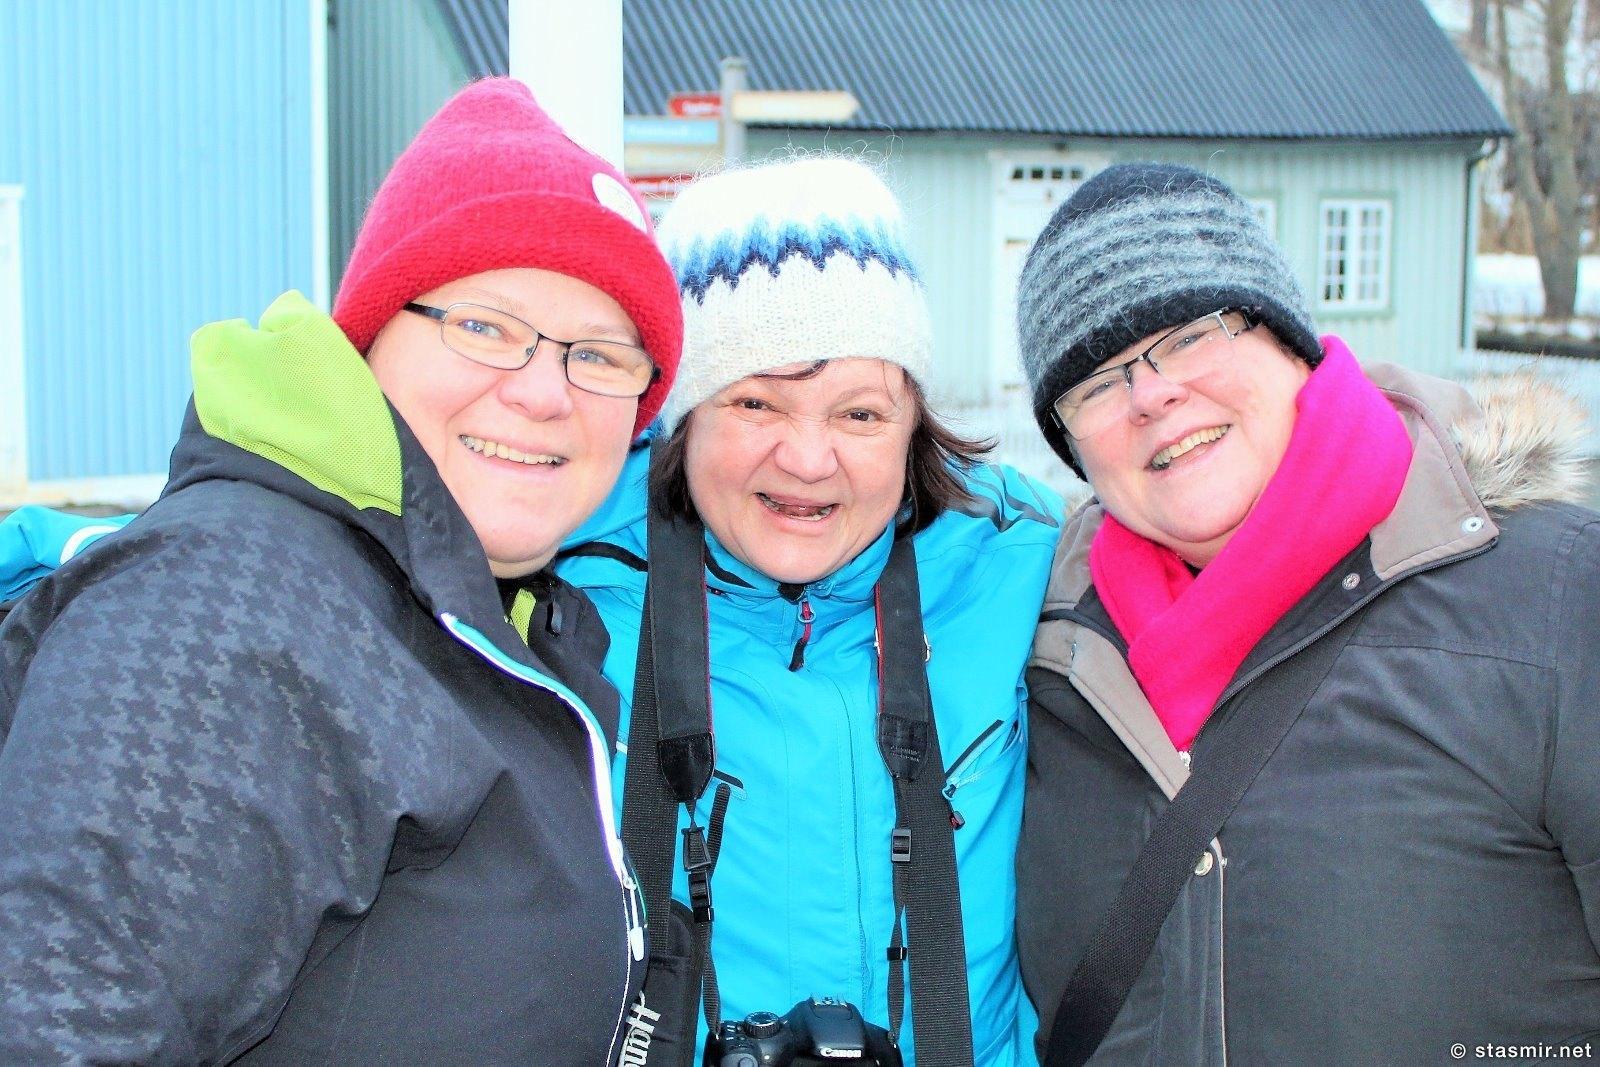 Sigurbjörg Karlsdóttir или Сибба и её сестра проводят экскурсии по местам обитания эльфов и троллей, фото Стасмир, Photo Stasmir